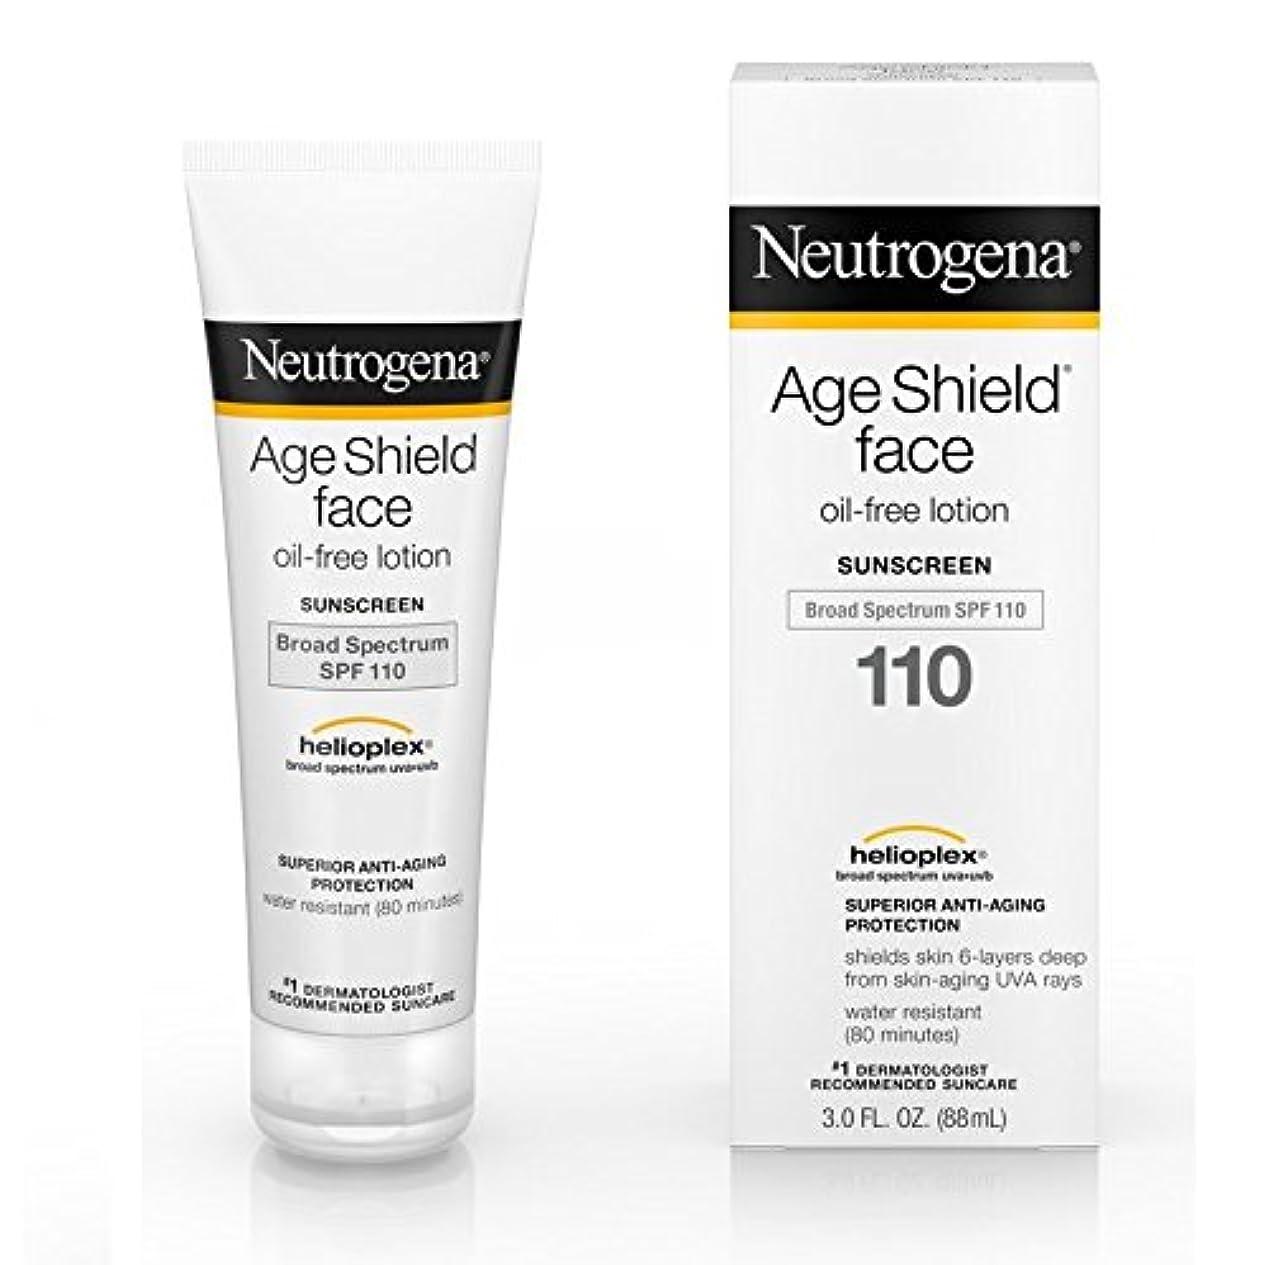 抵抗するピューナチュラ【海外直送品】Neutrogena Age Shield® Face Oil-Free Lotion Sunscreen Broad Spectrum SPF 110 - 3 FL OZ(88ml)